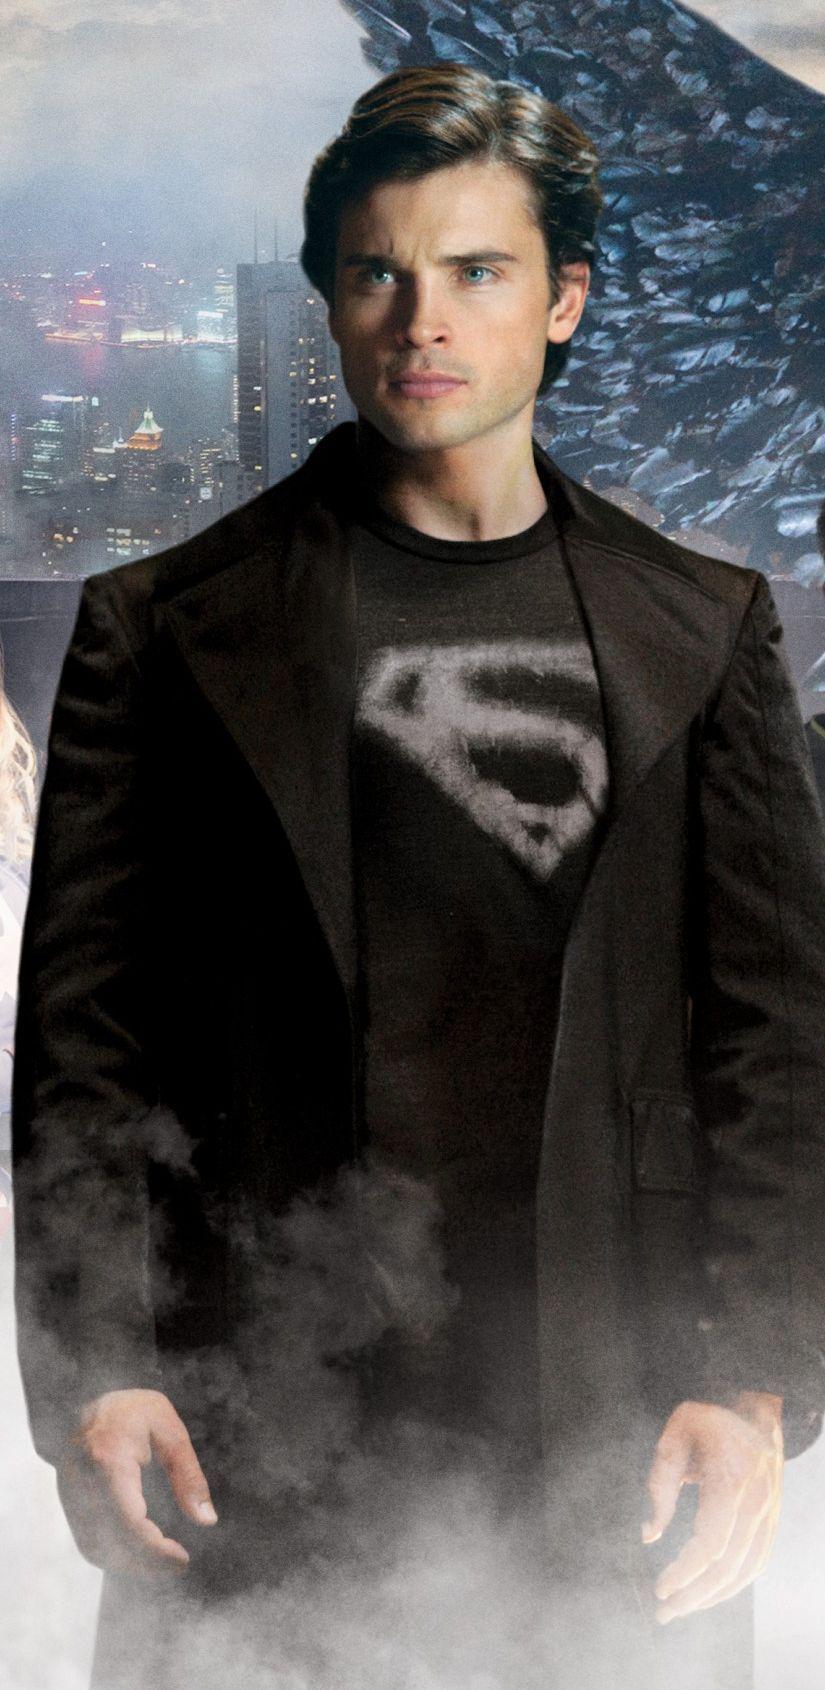 Clark Kent Smallville clark kent, Smallville and Clark kent